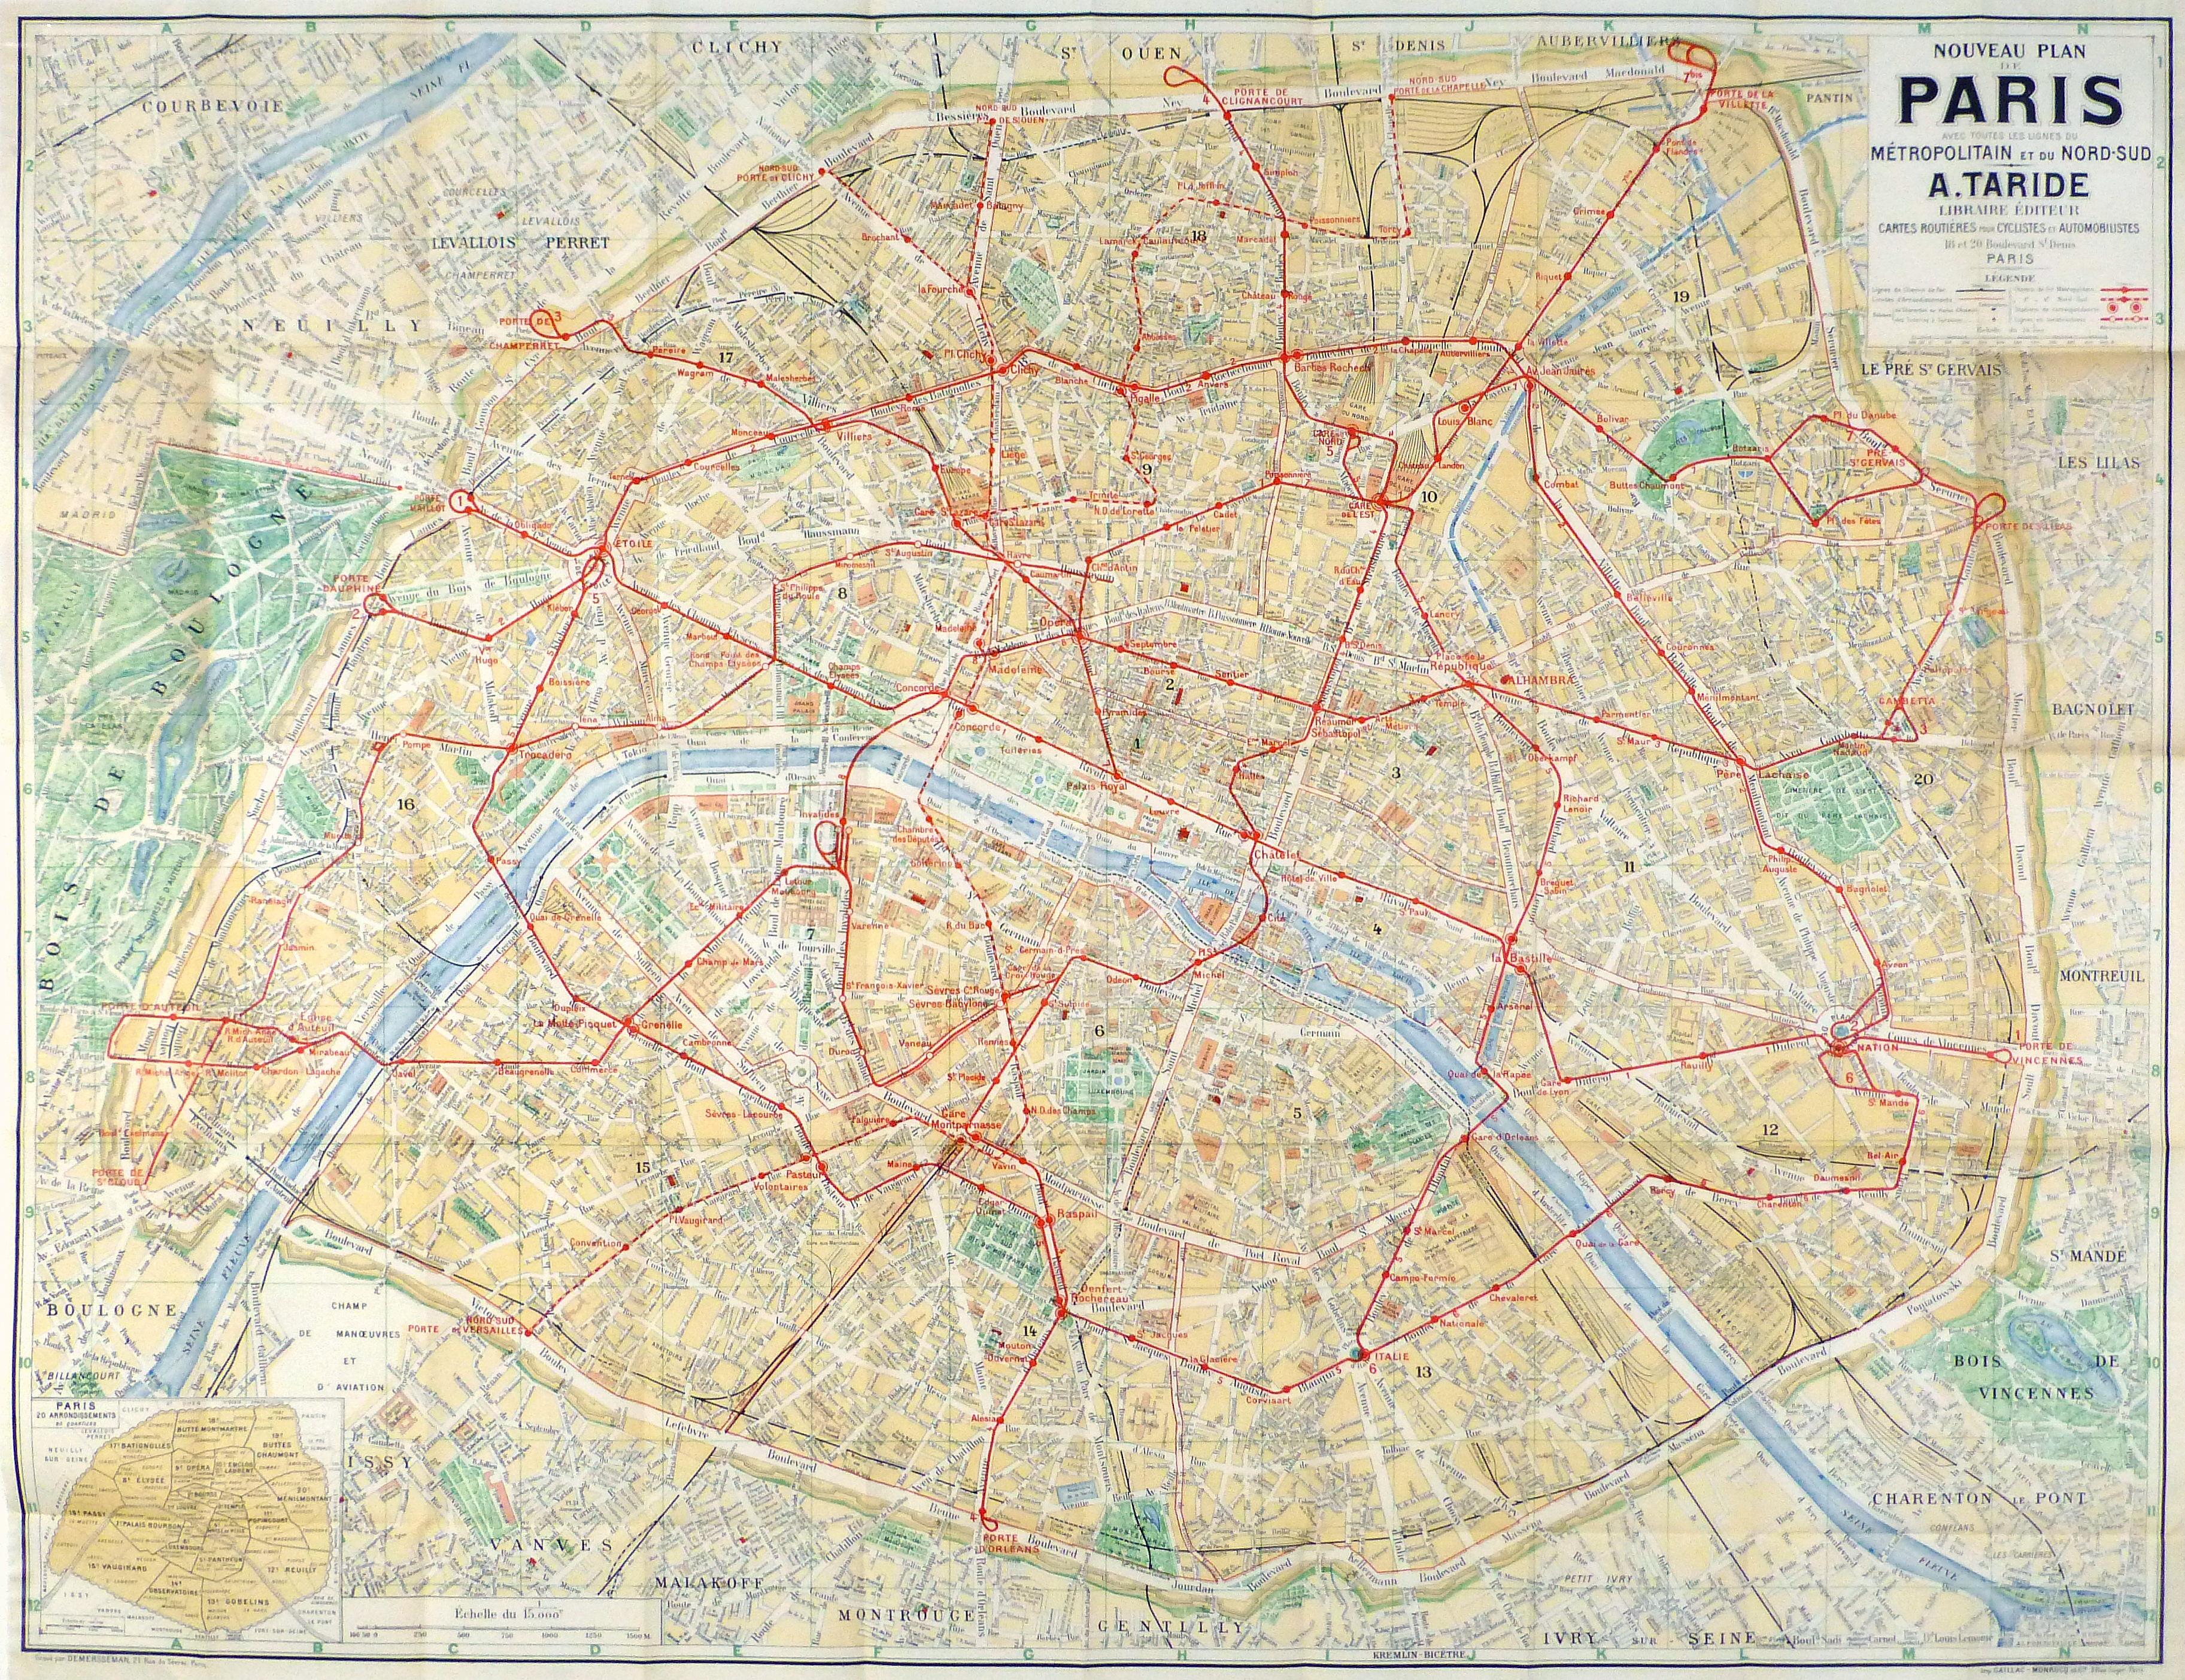 Paris Metro Map C 1910 Original Art Antique Maps Prints